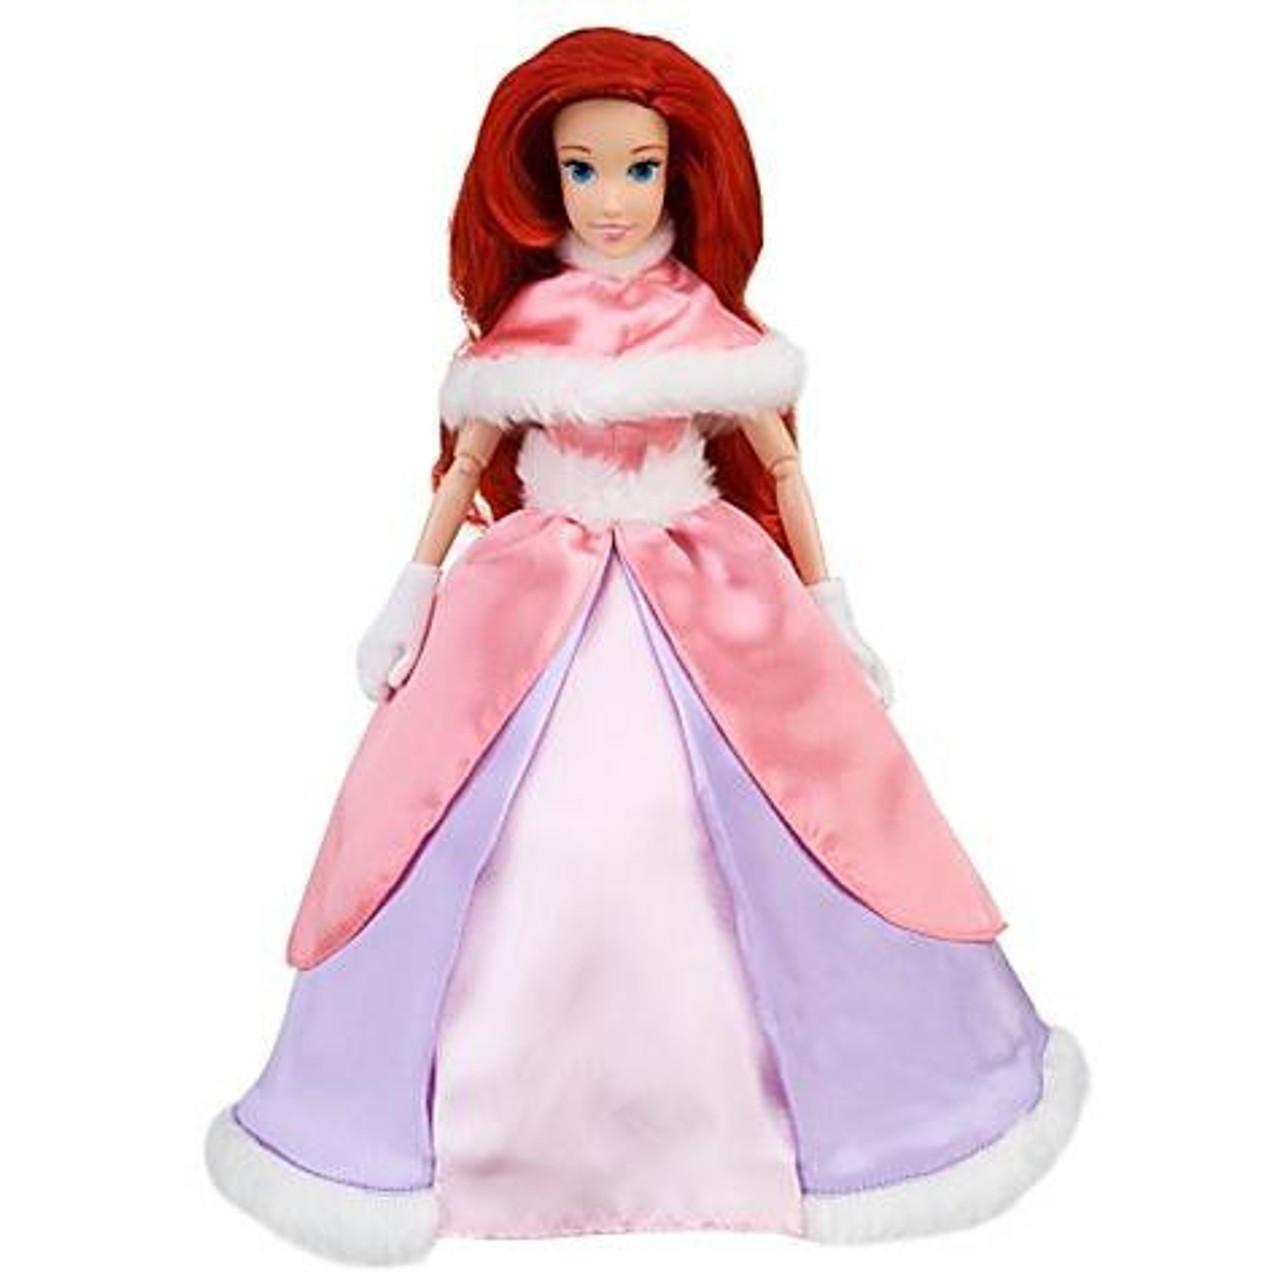 Disney Princess The Little Mermaid Ariel Boutique Set Doll